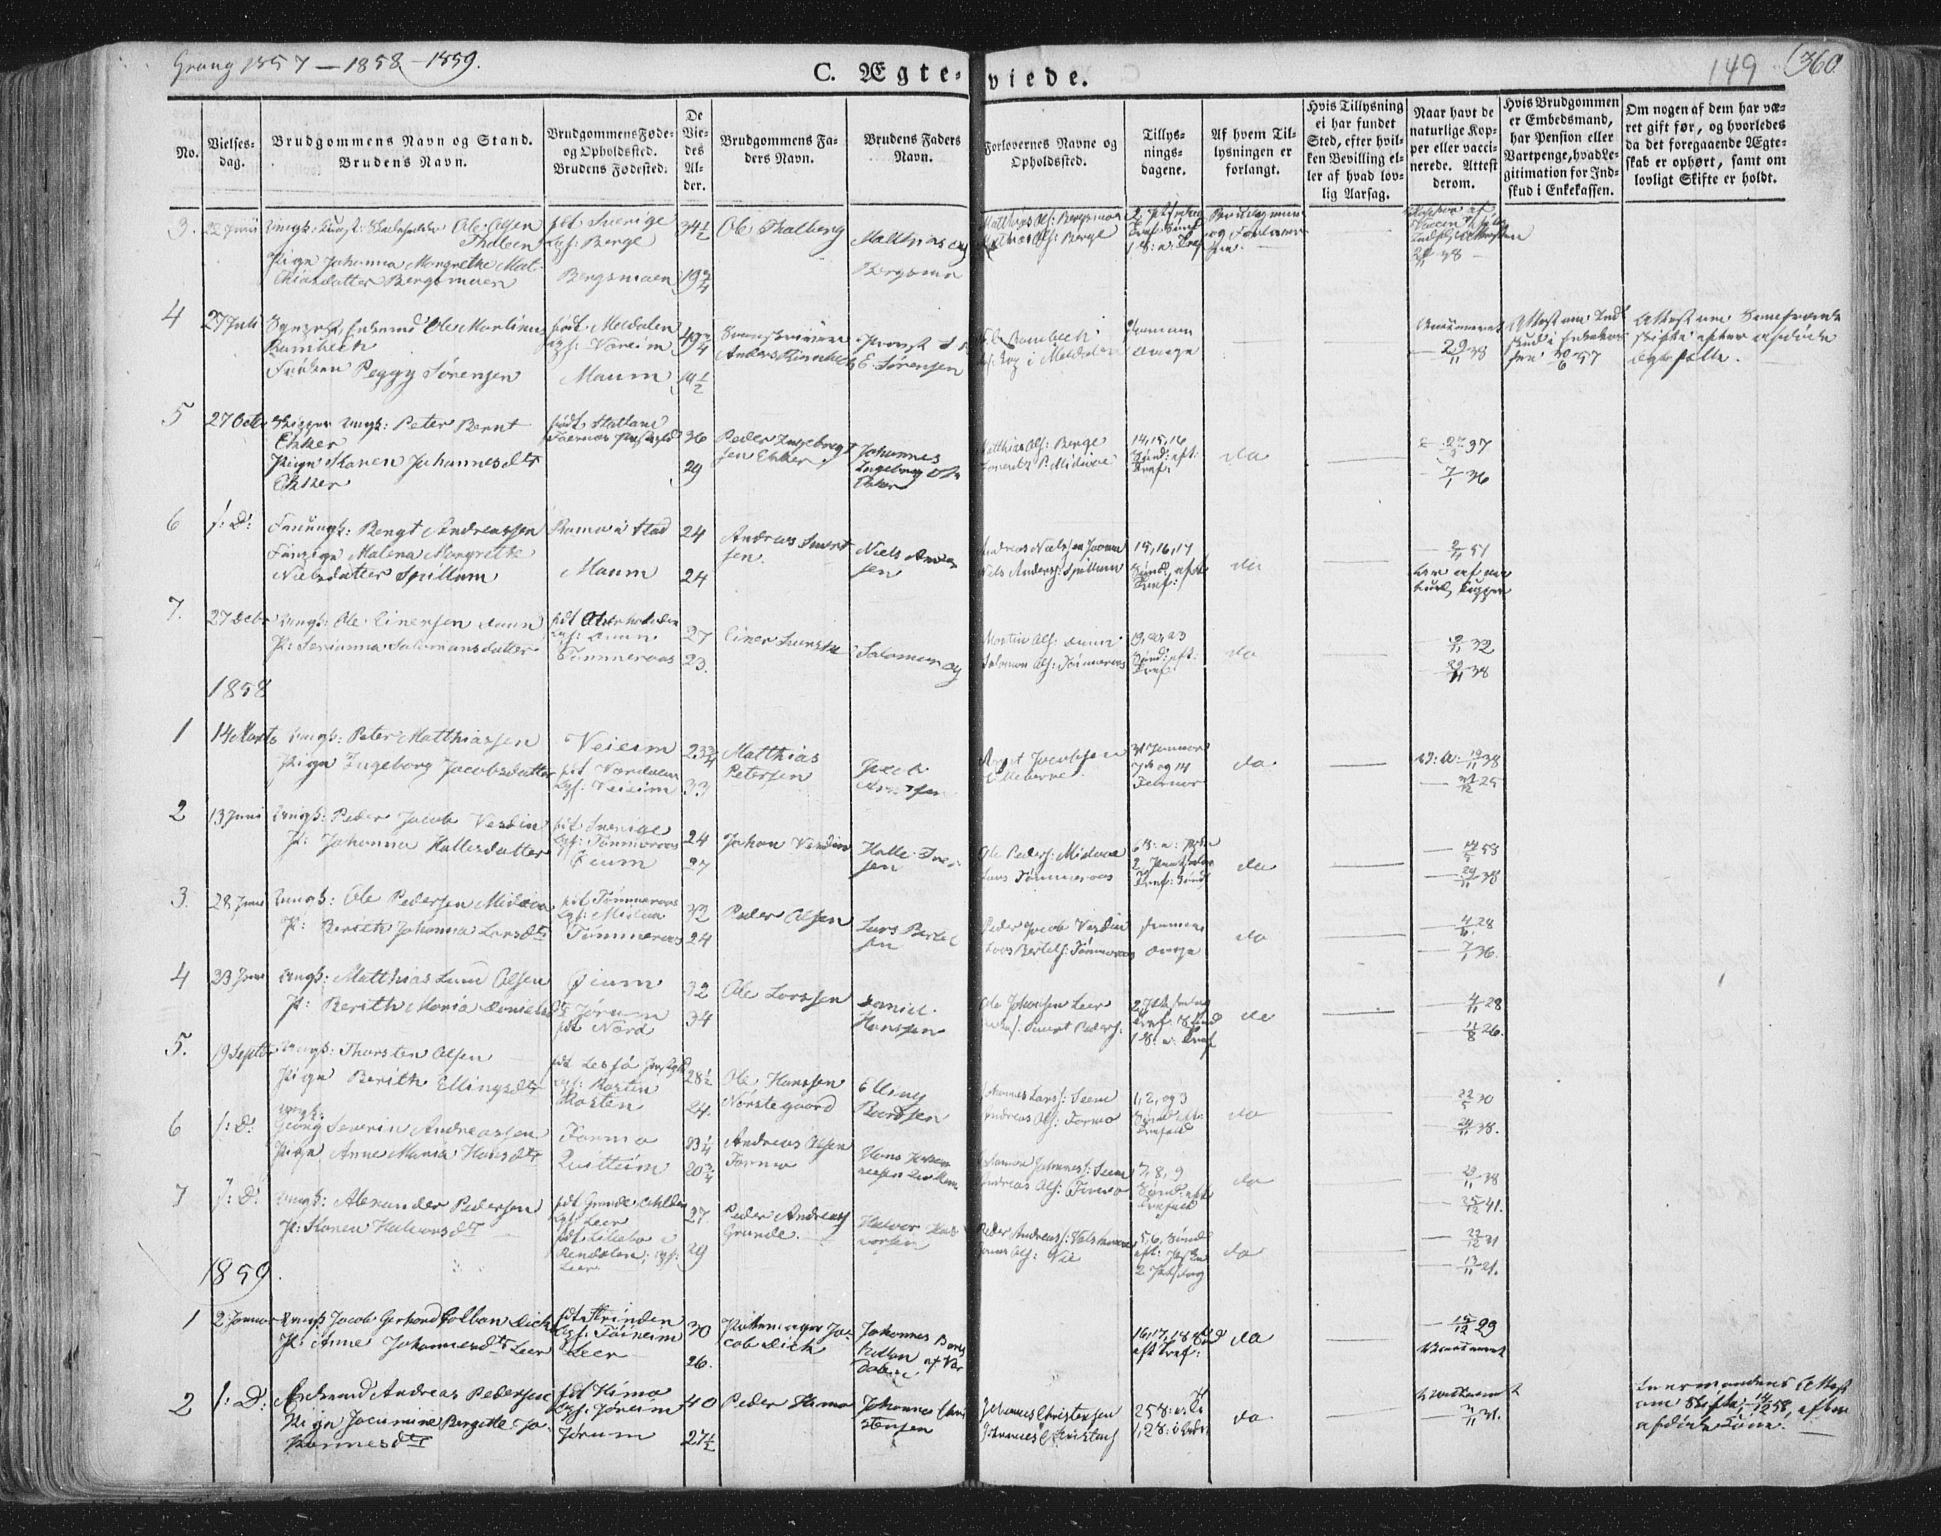 SAT, Ministerialprotokoller, klokkerbøker og fødselsregistre - Nord-Trøndelag, 758/L0513: Ministerialbok nr. 758A02 /1, 1839-1868, s. 149